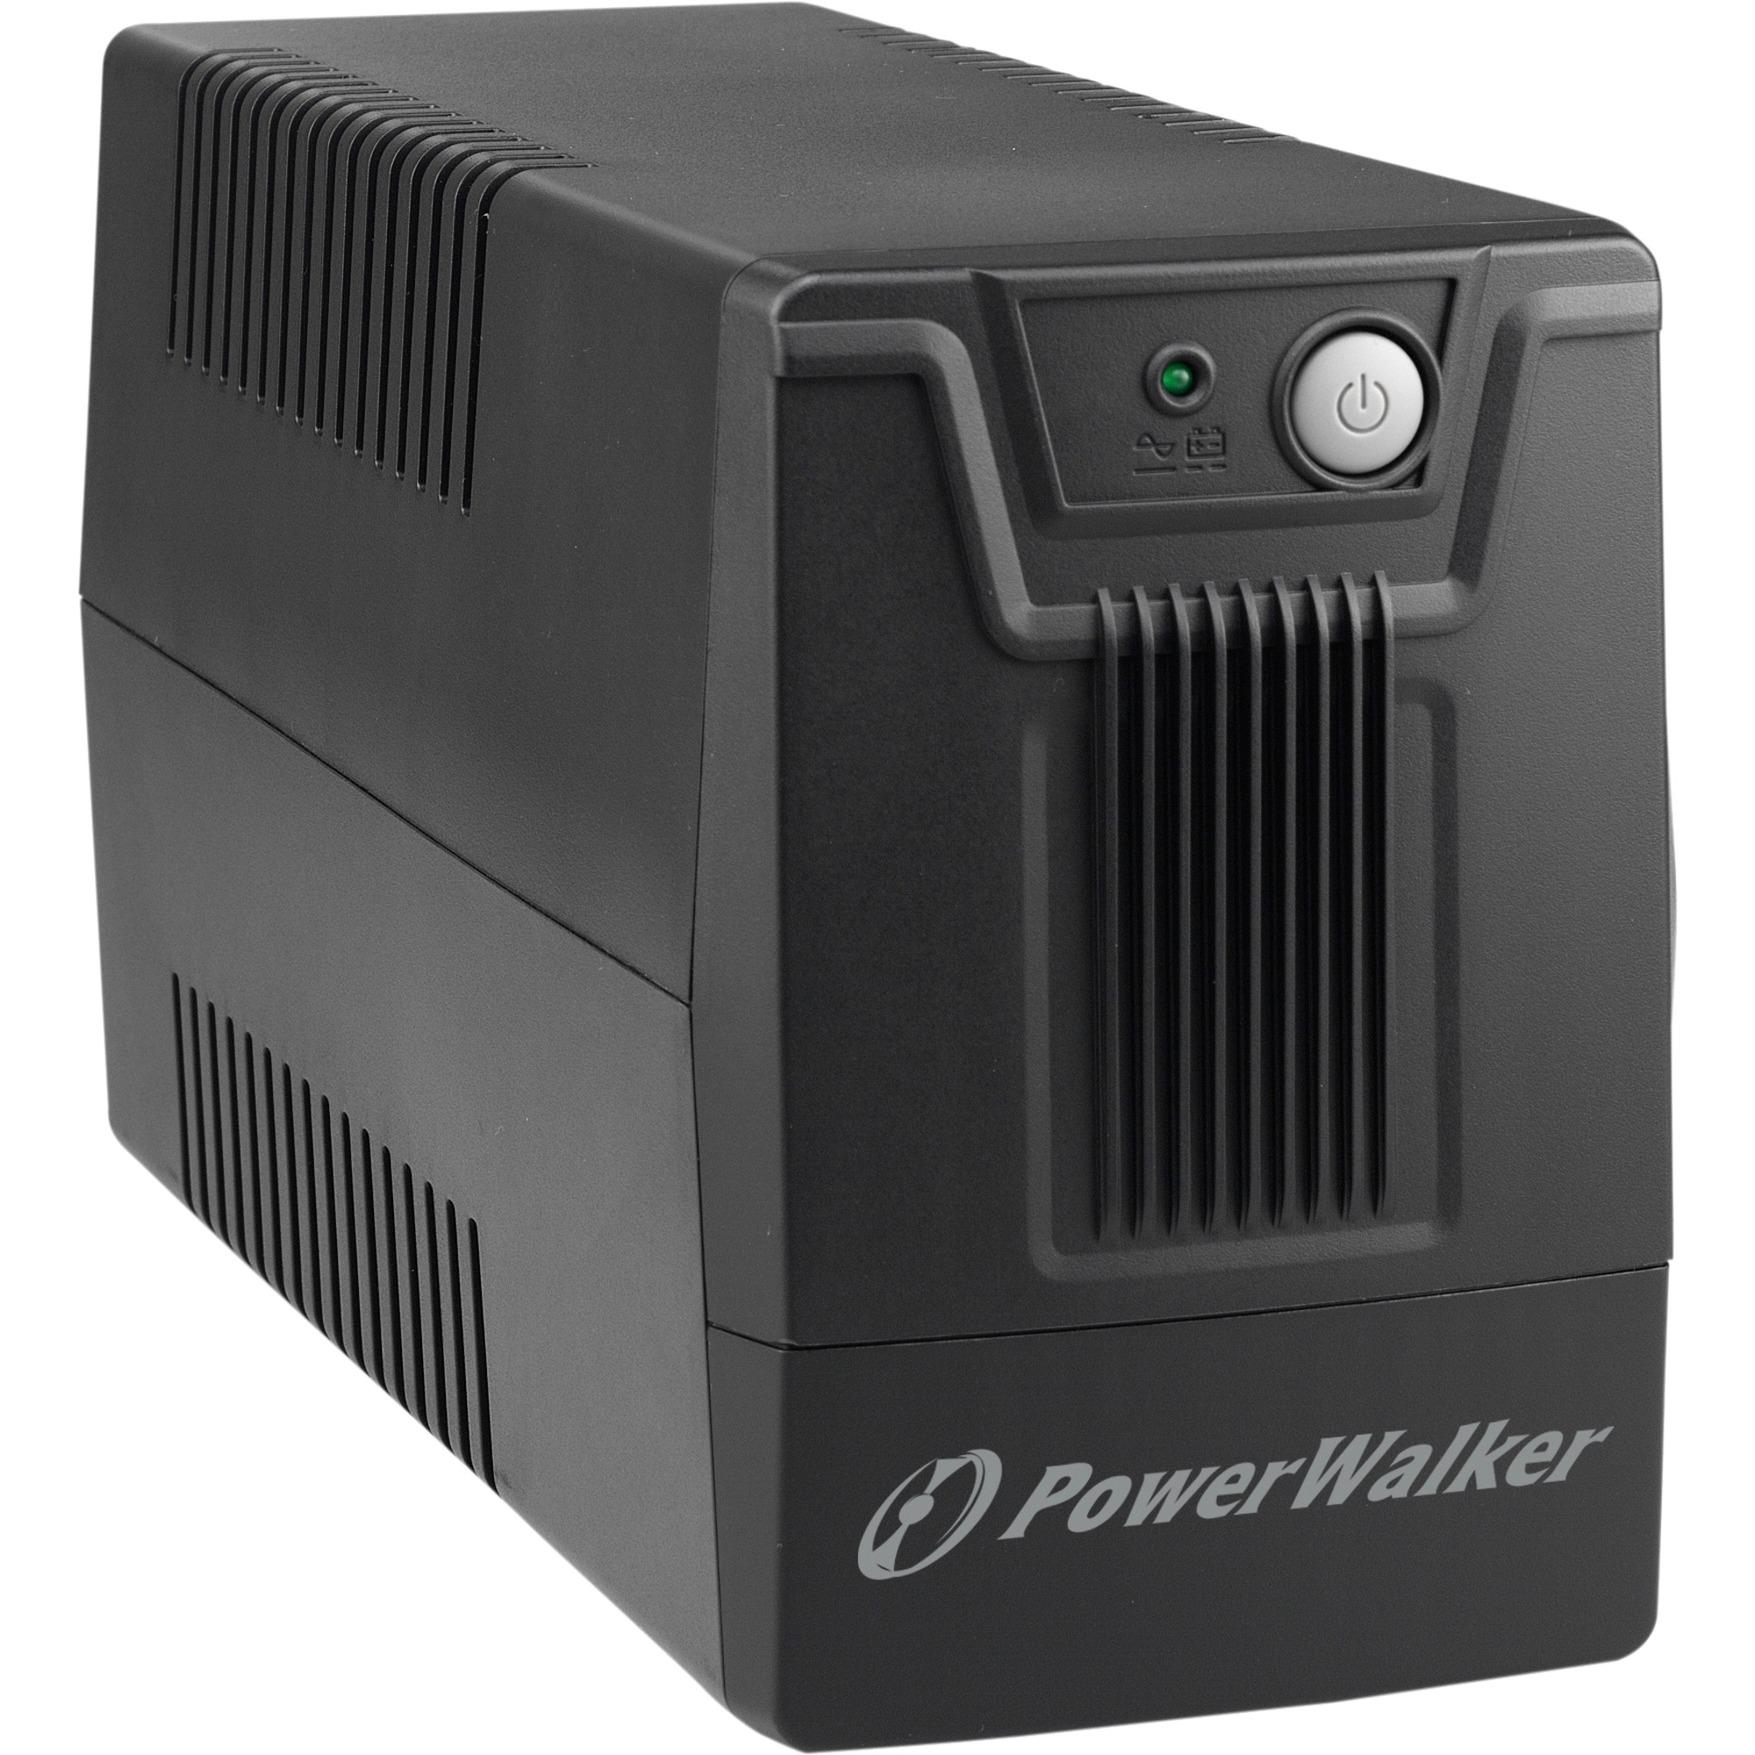 10121024 Línea interactiva 600VA 2salidas AC sistema de alimentación ininterrumpida (UPS)